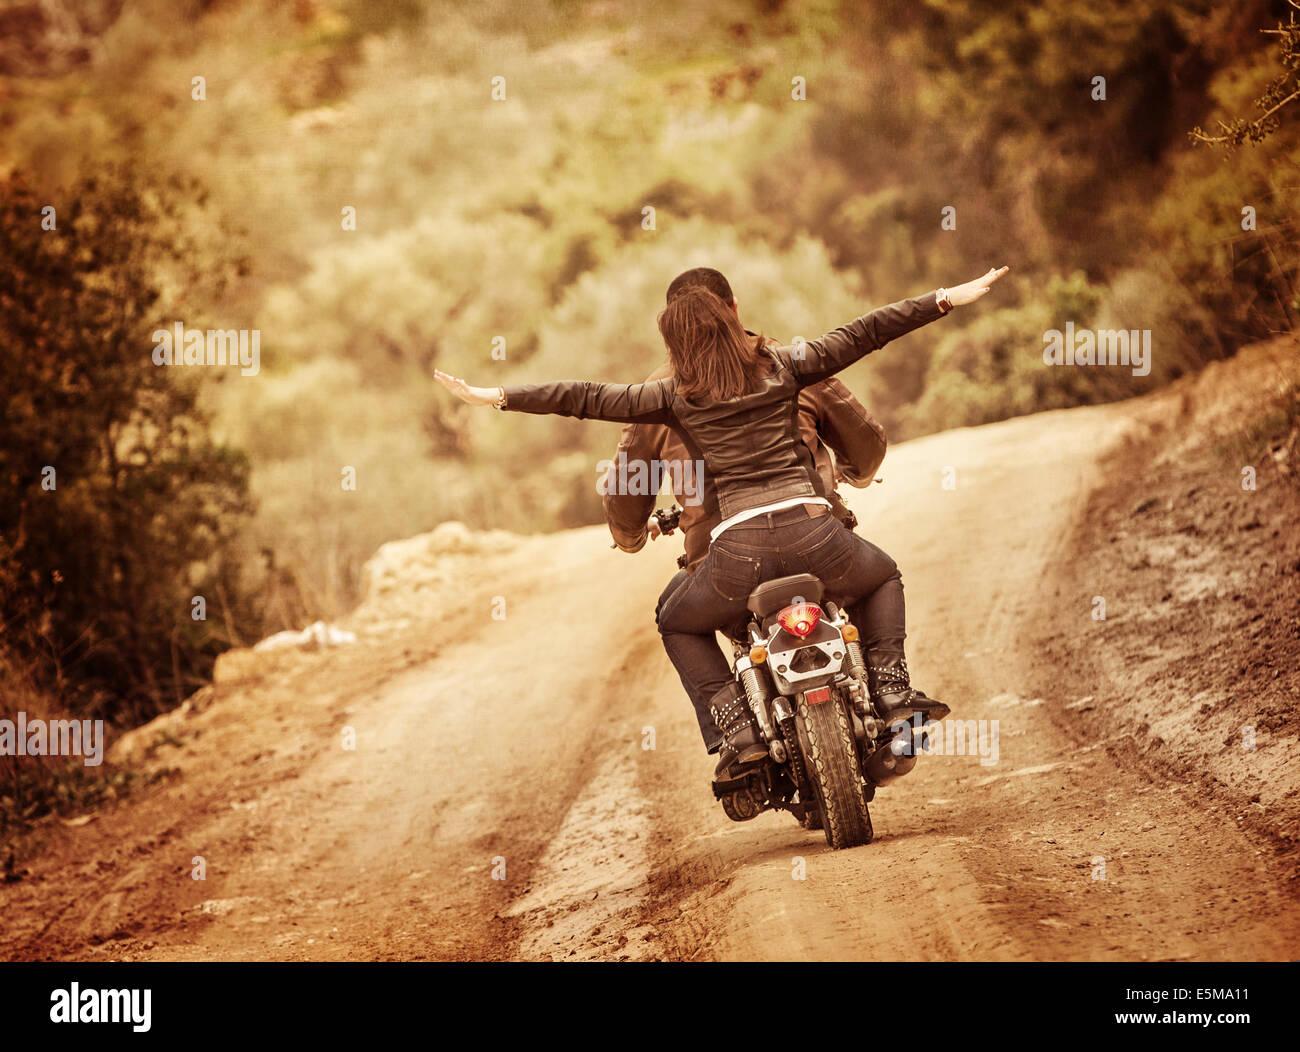 La famille sportive voyageant sur moto, équitation sur la moto avec les mains levés, les gens actifs, Photo Stock